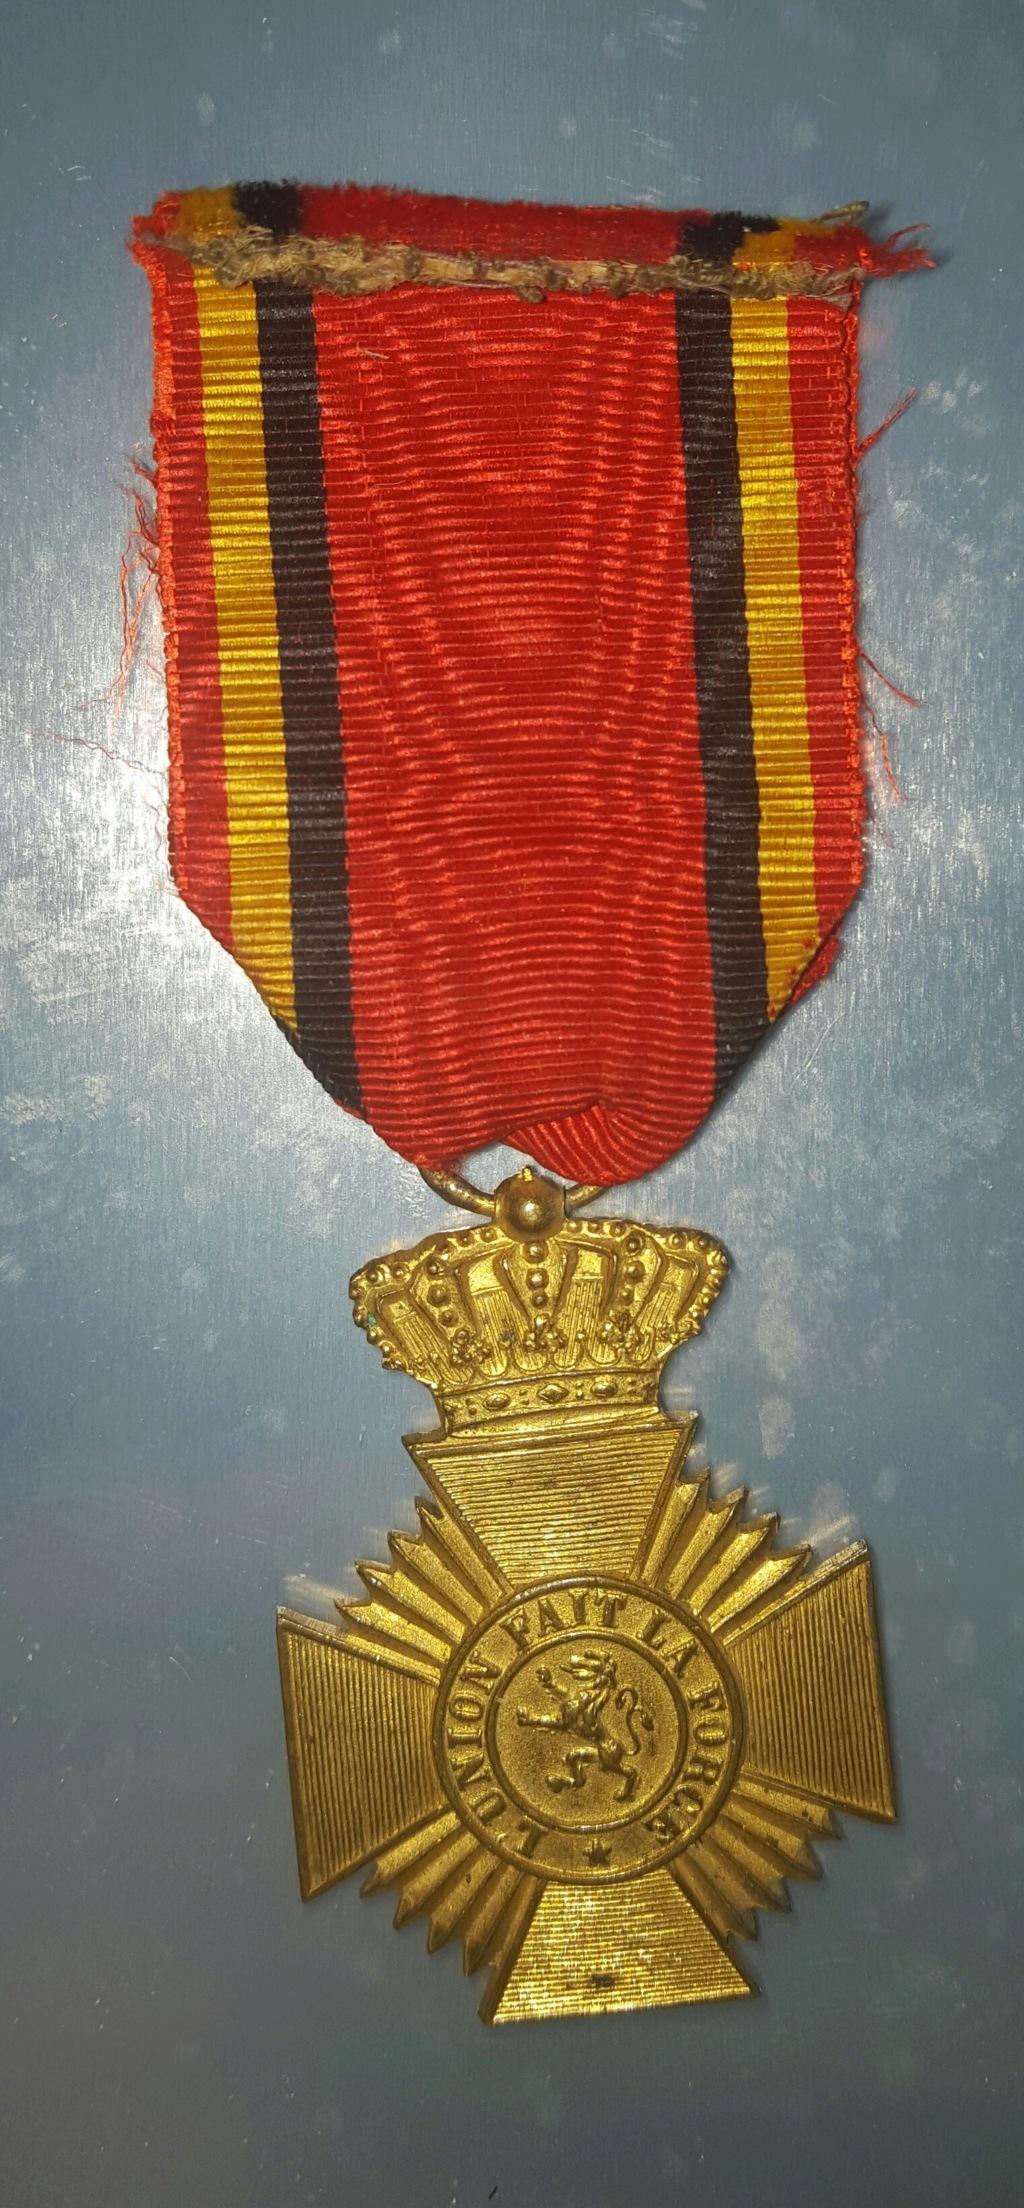 Médaille militaire belge , acte de bravoure ... 20180611